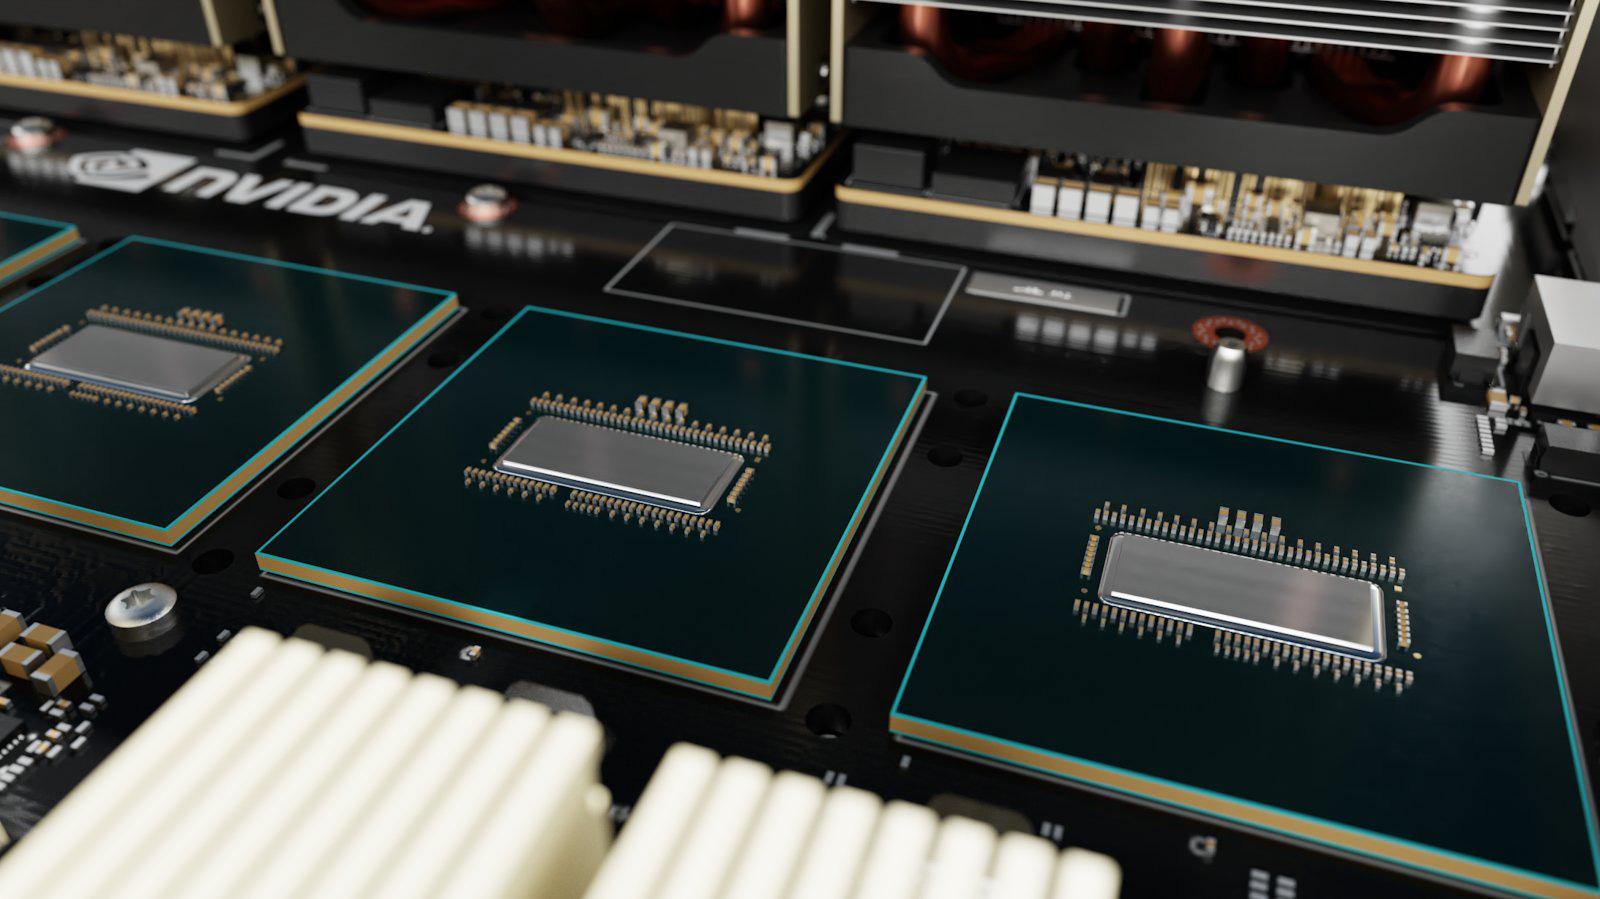 Vingroup đầu tư siêu máy tính AI - NVIDIA® DGX A100 ™ đầu tiên tại Việt Nam - Ảnh 2.